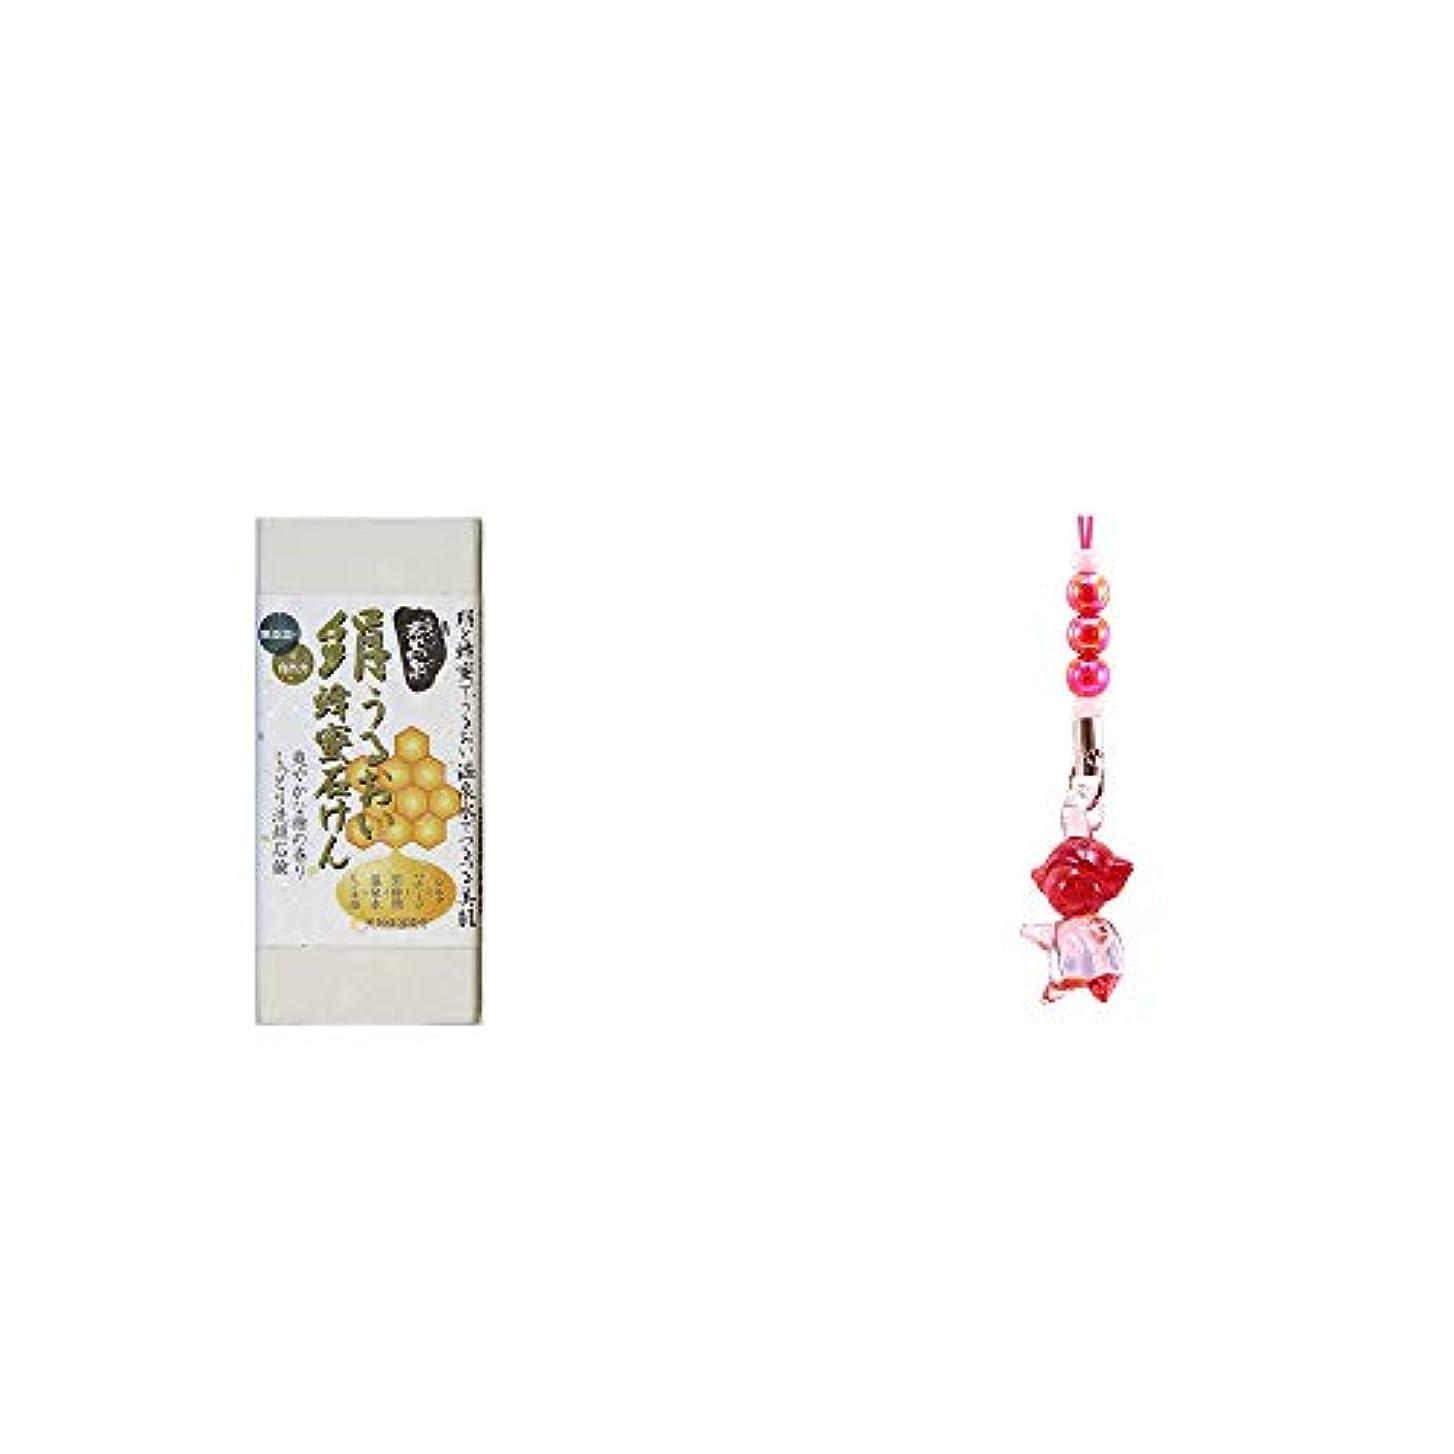 [2点セット] ひのき炭黒泉 絹うるおい蜂蜜石けん(75g×2)?ガラスのさるぼぼ 手作りキーホルダー 【赤】 /縁結び?安産?夫婦円満?子供の成長祈願?勝負運//